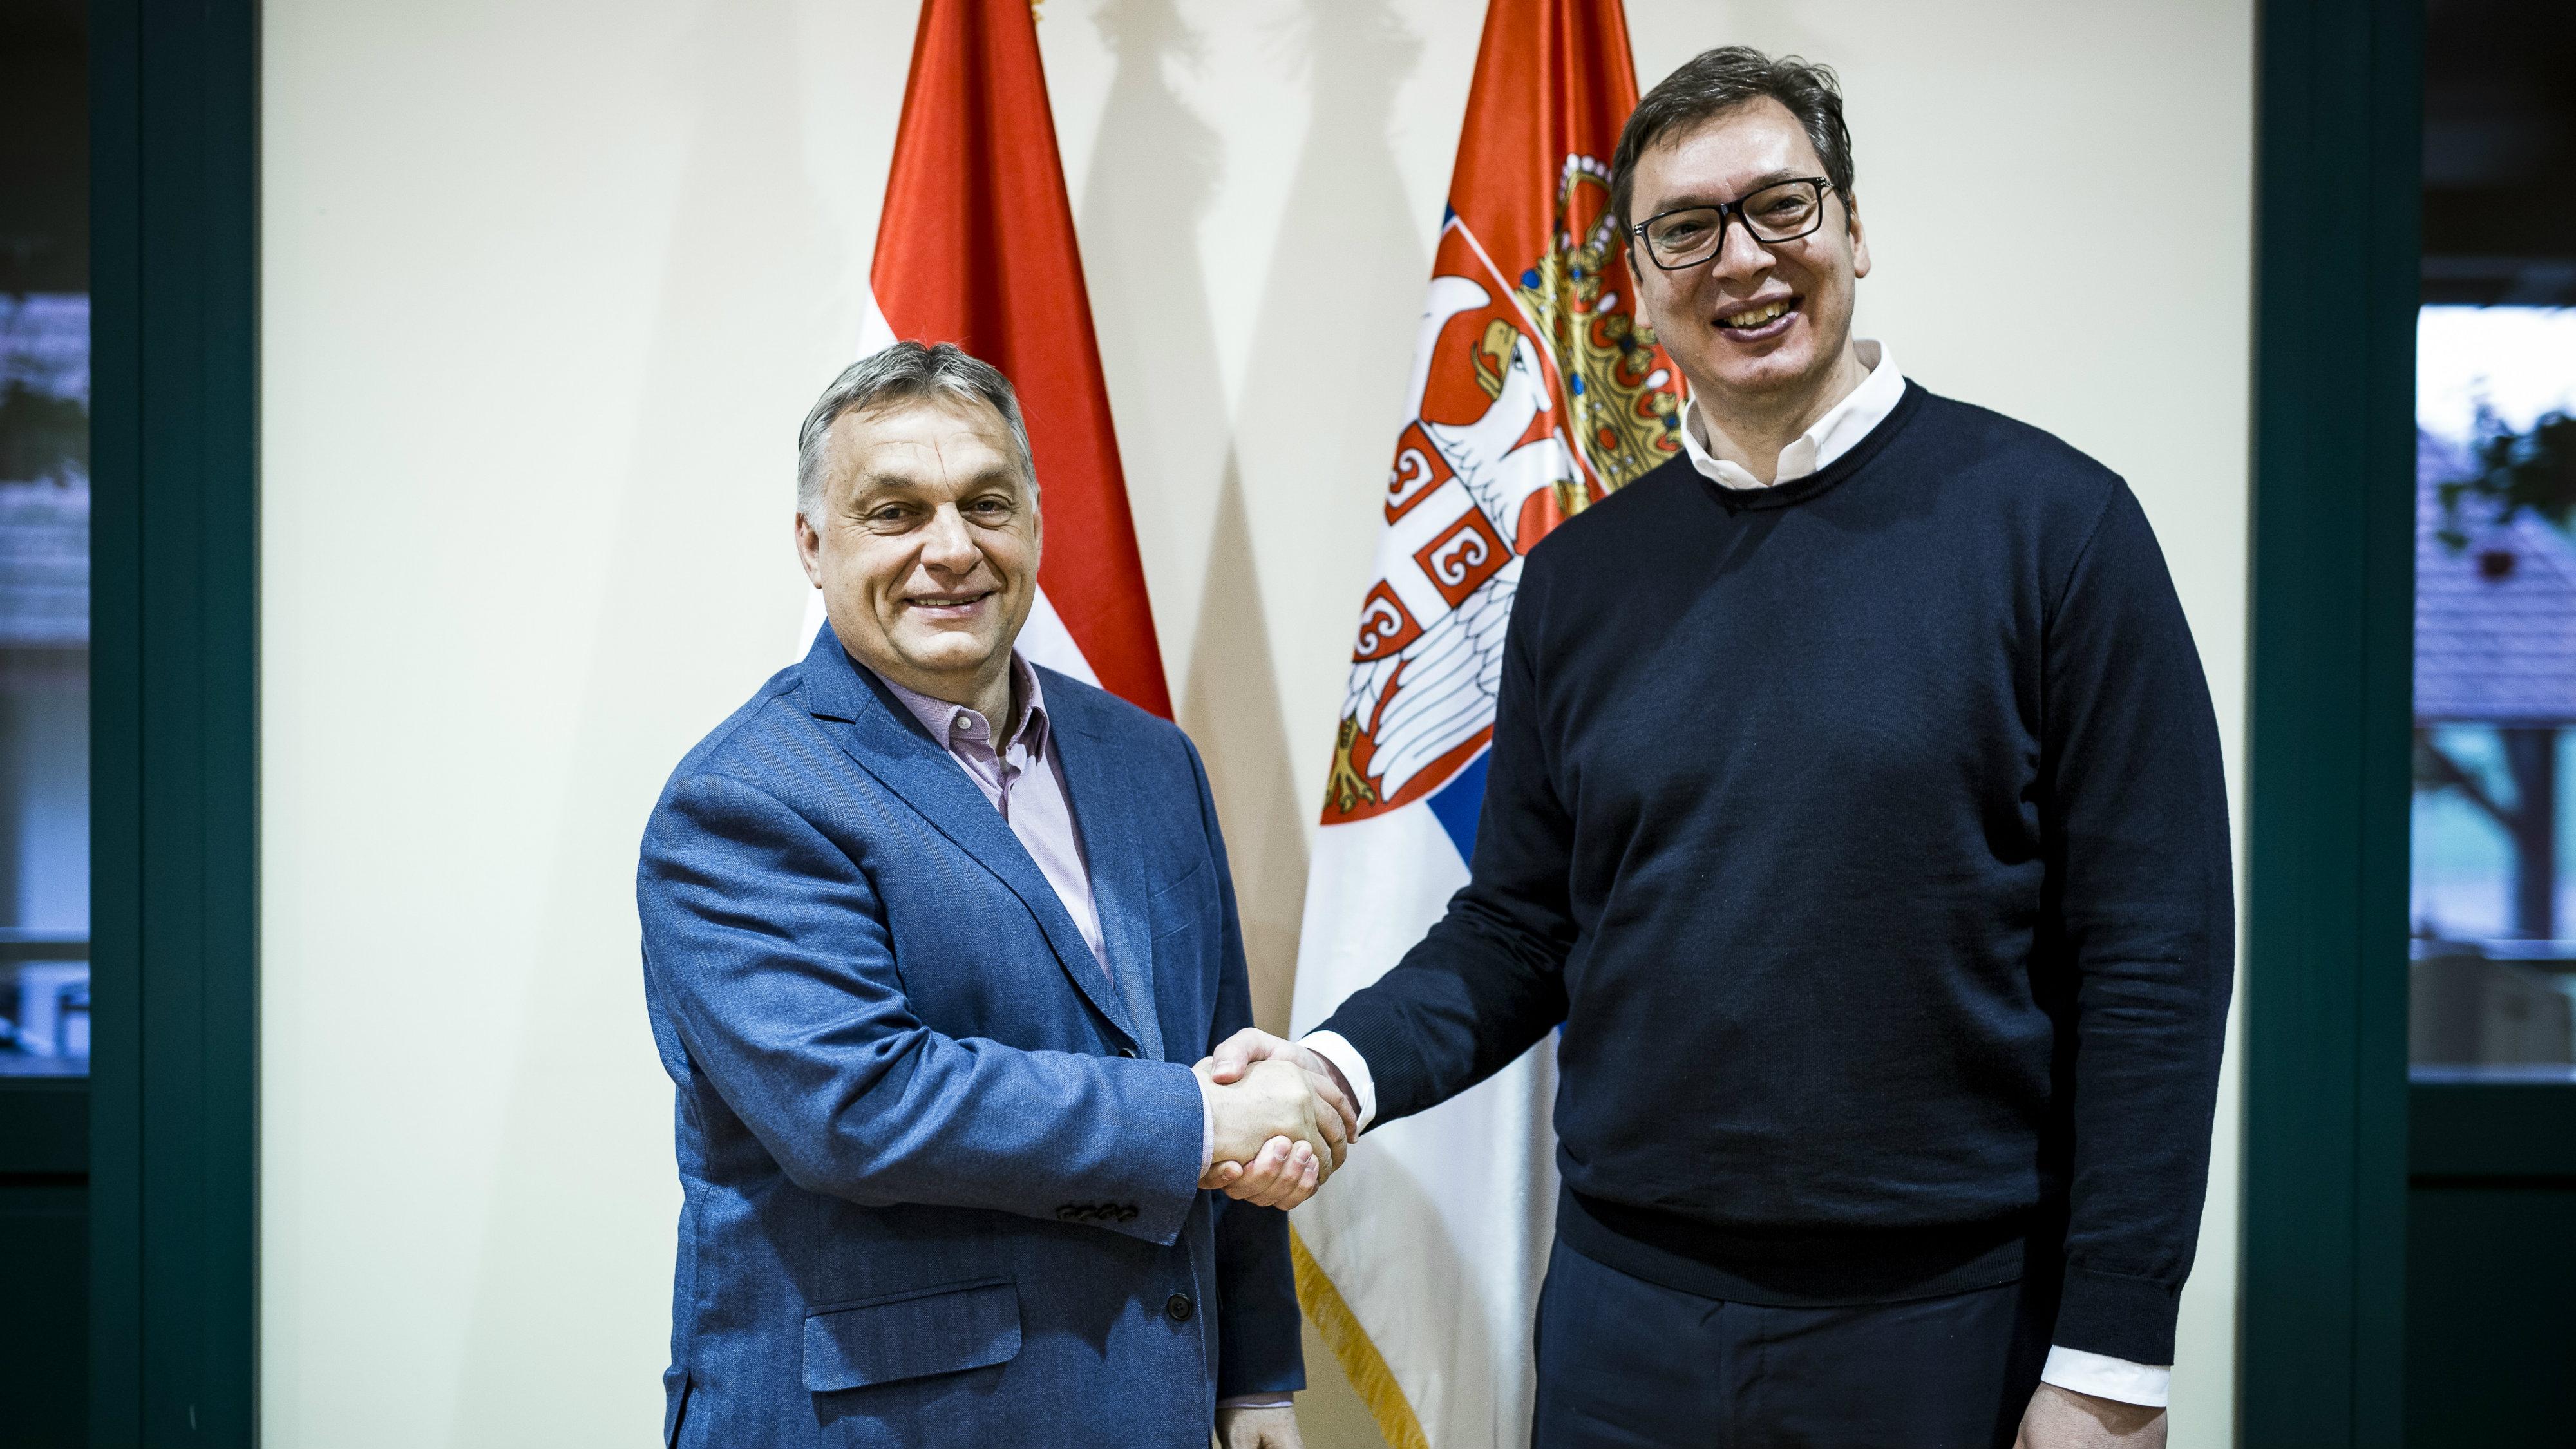 Mađarski recept za opoziciju u Srbiji? 4